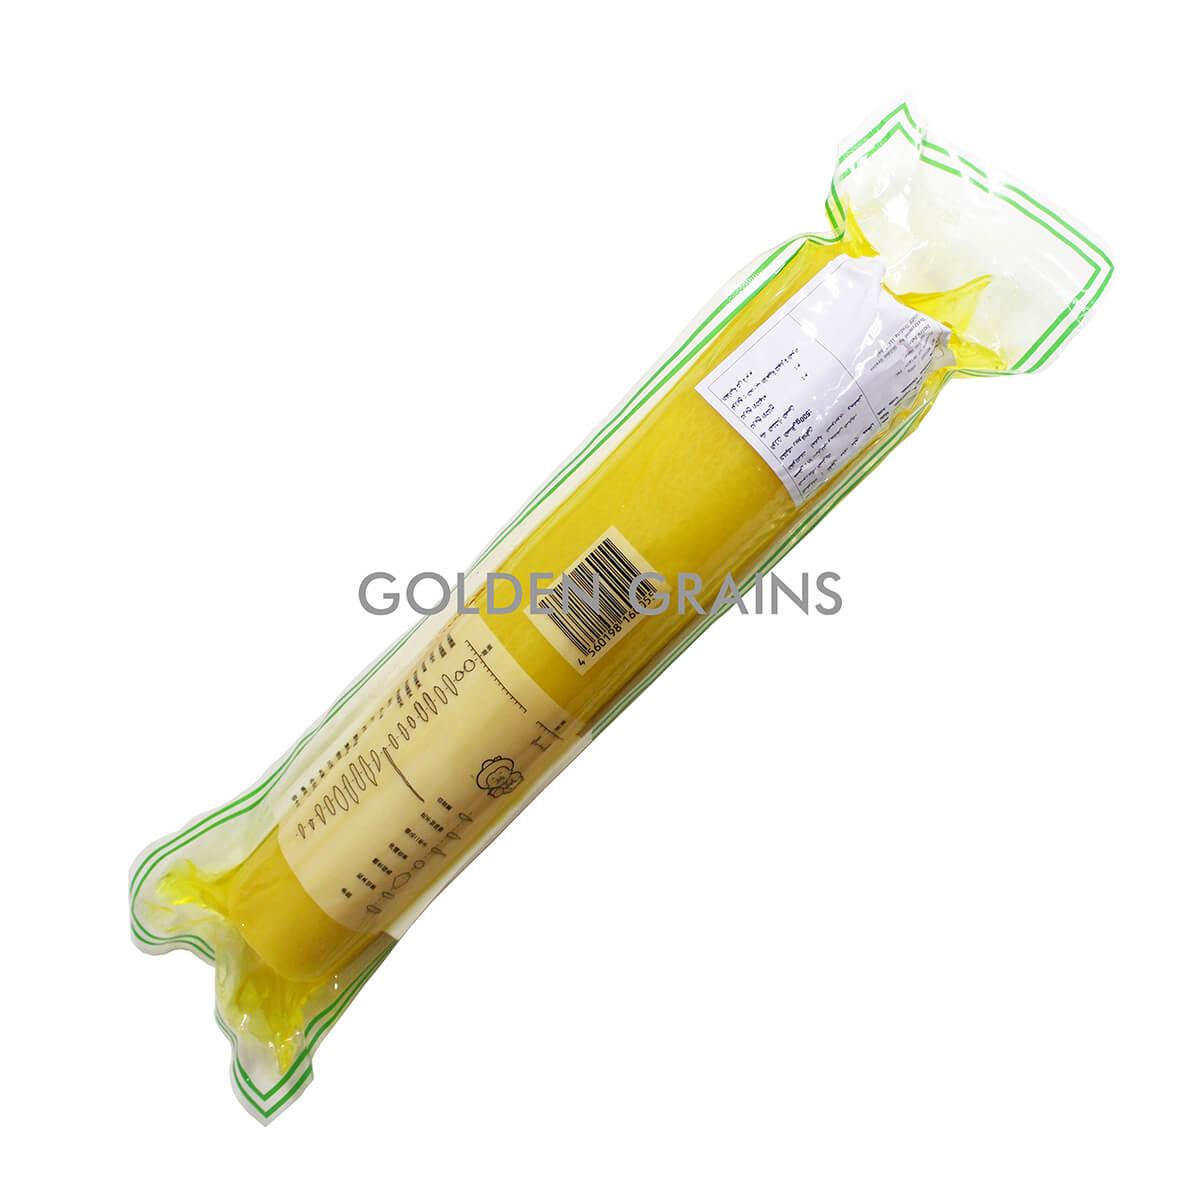 Golden Grains Dubai Export - Pickled Raddish - Back.jpg